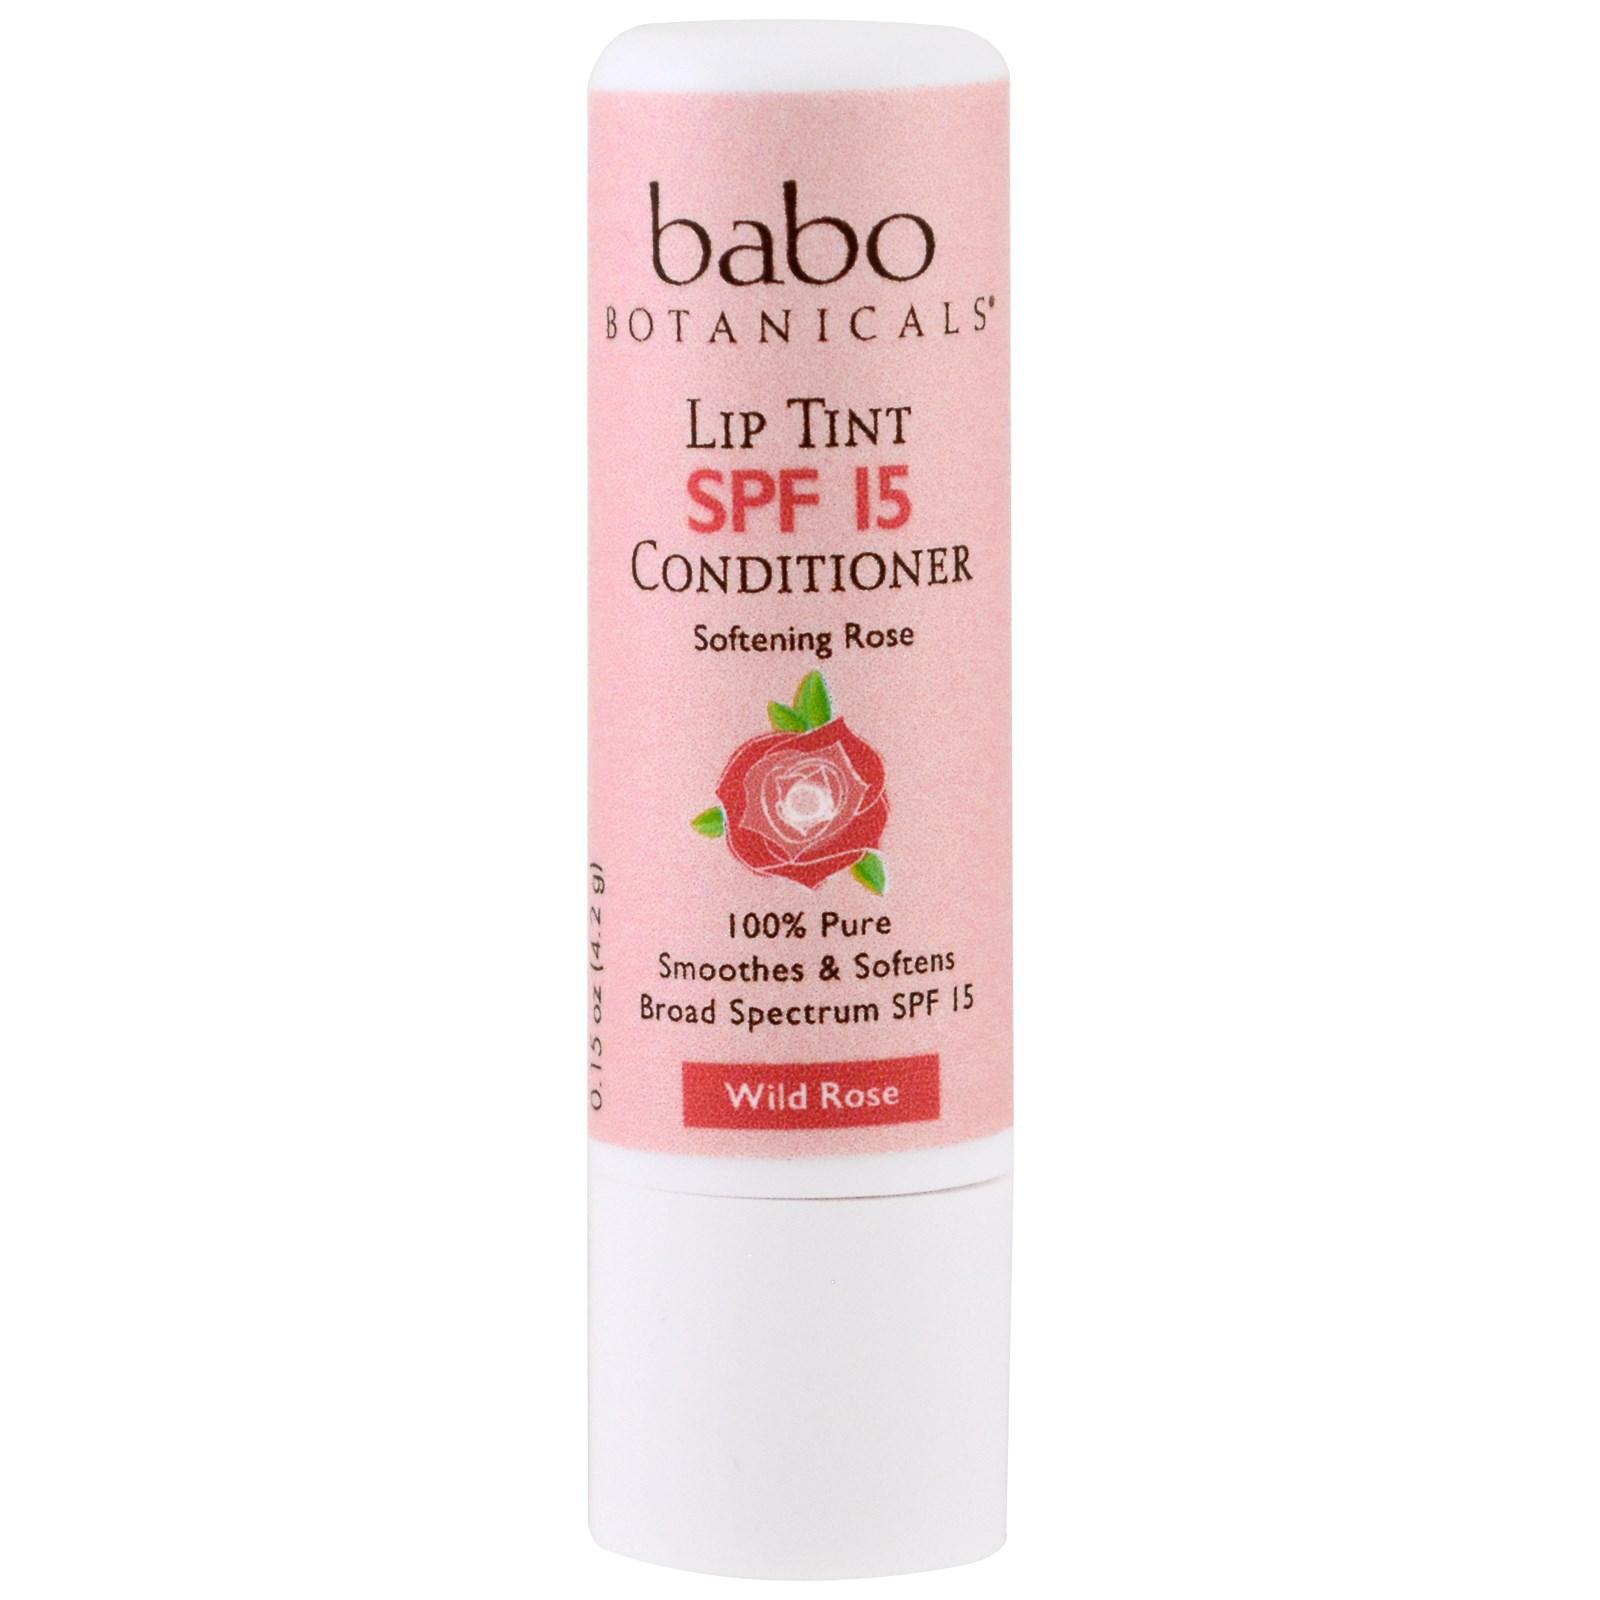 Babo Botanicals, Оттеночный бальзам для губ, SPF 15, дикая роза, 0,15 жидкой унции (4,2 г)